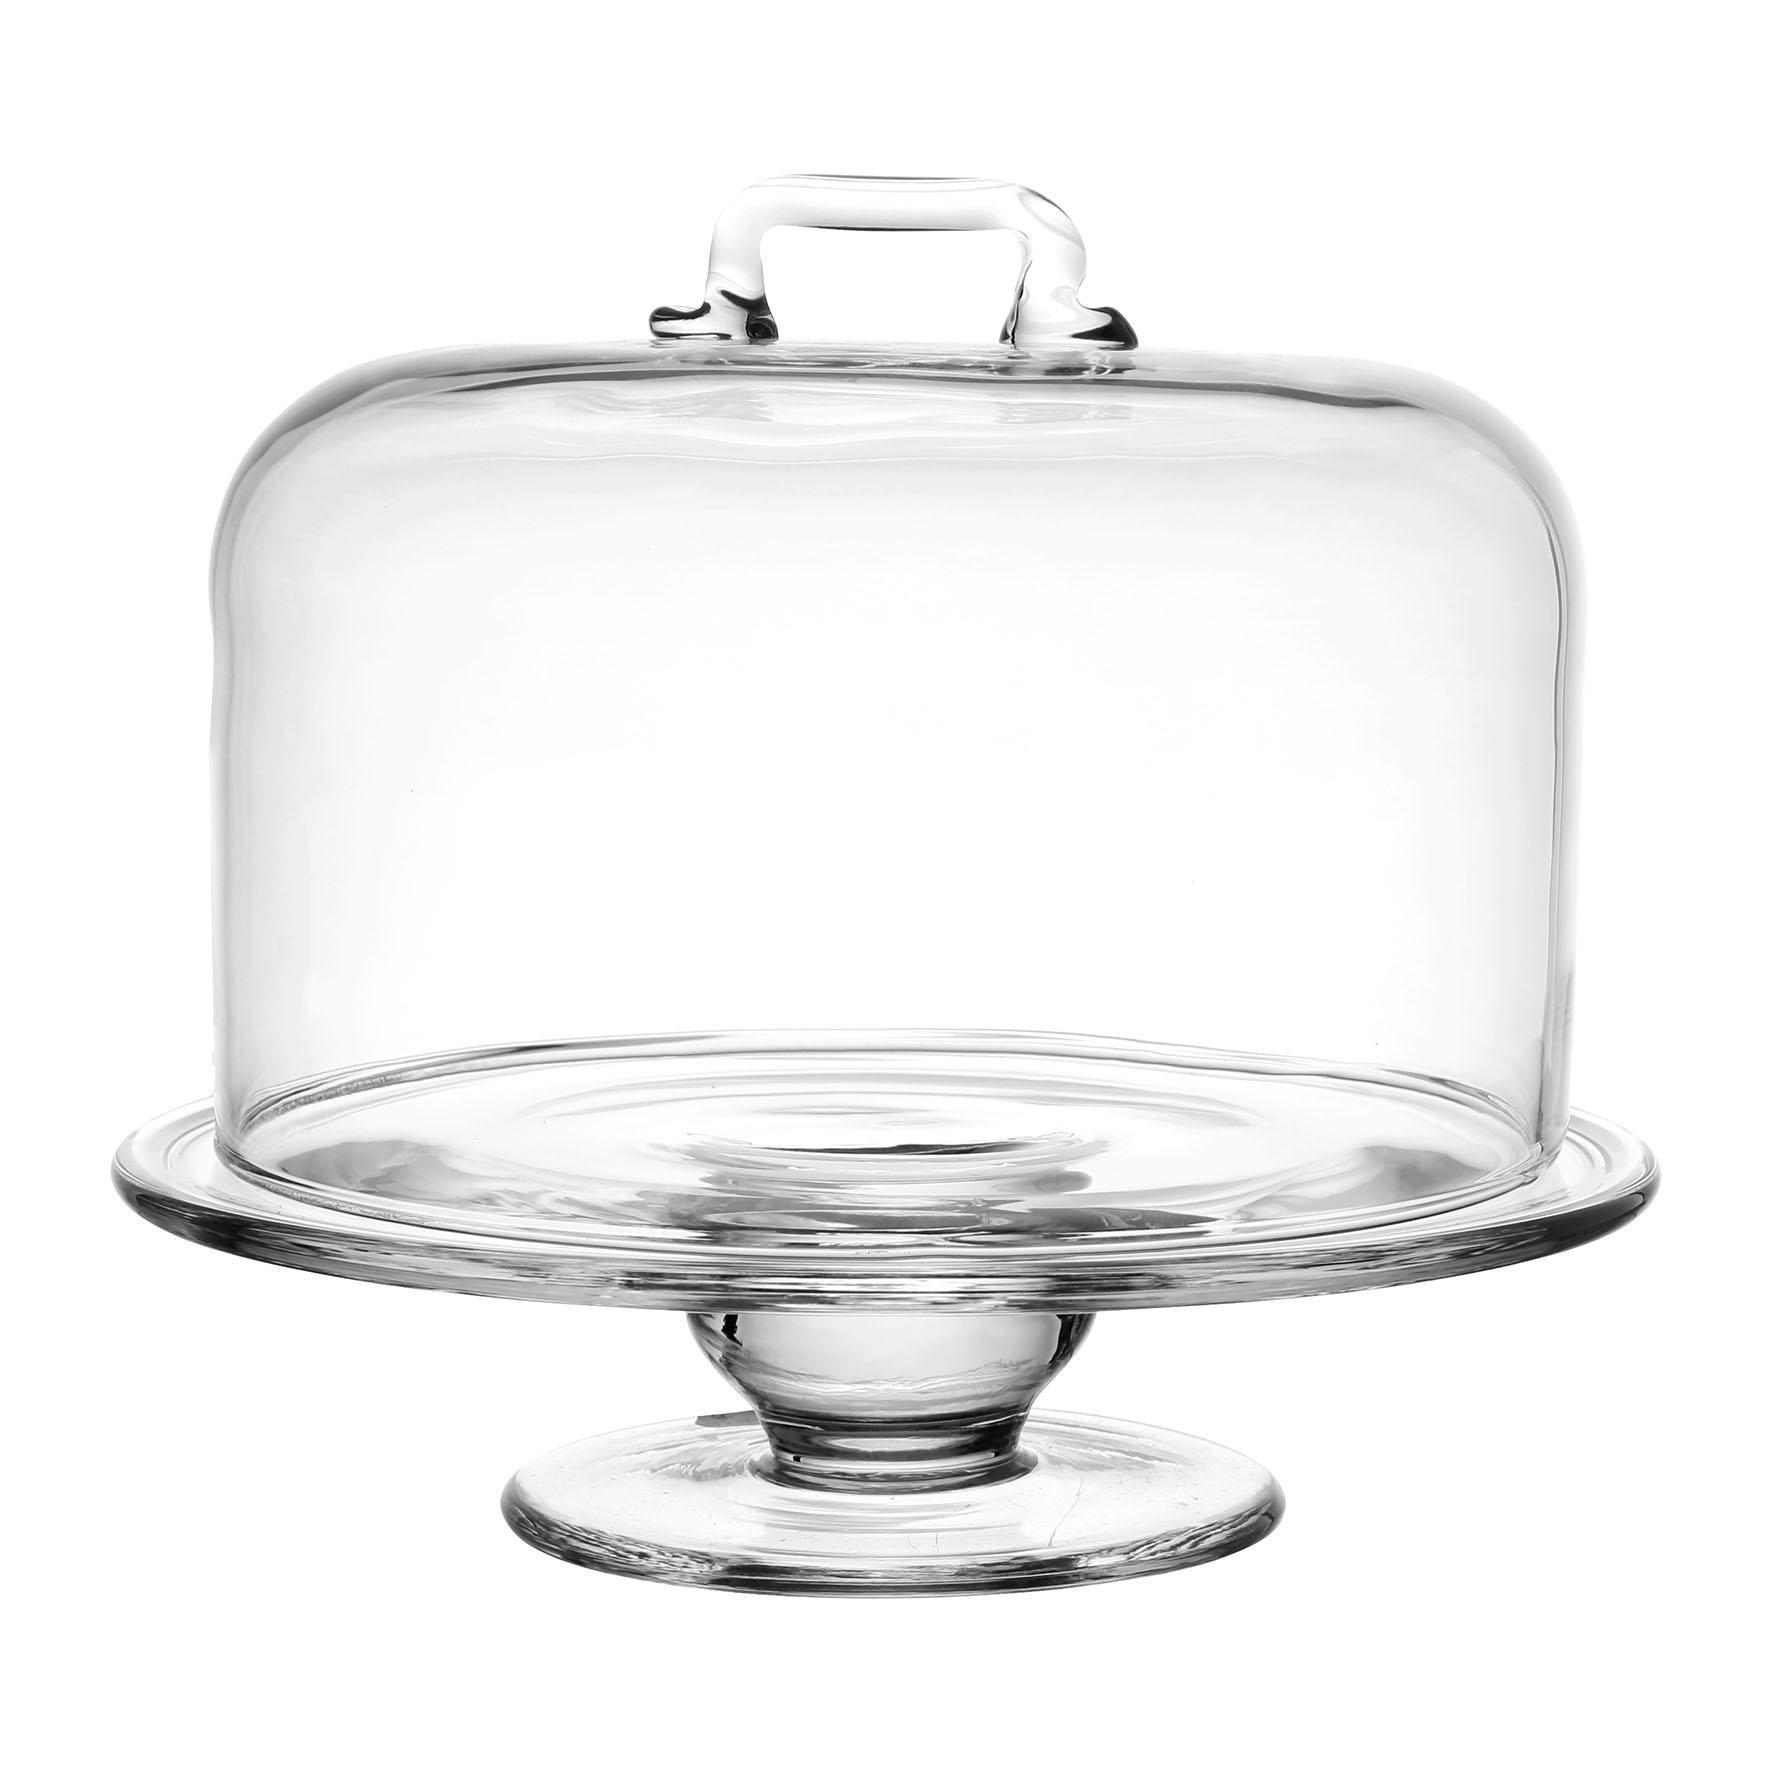 CÔTÉ TABLE Skleněný stojan s poklopem - Azelie, čirá barva, sklo